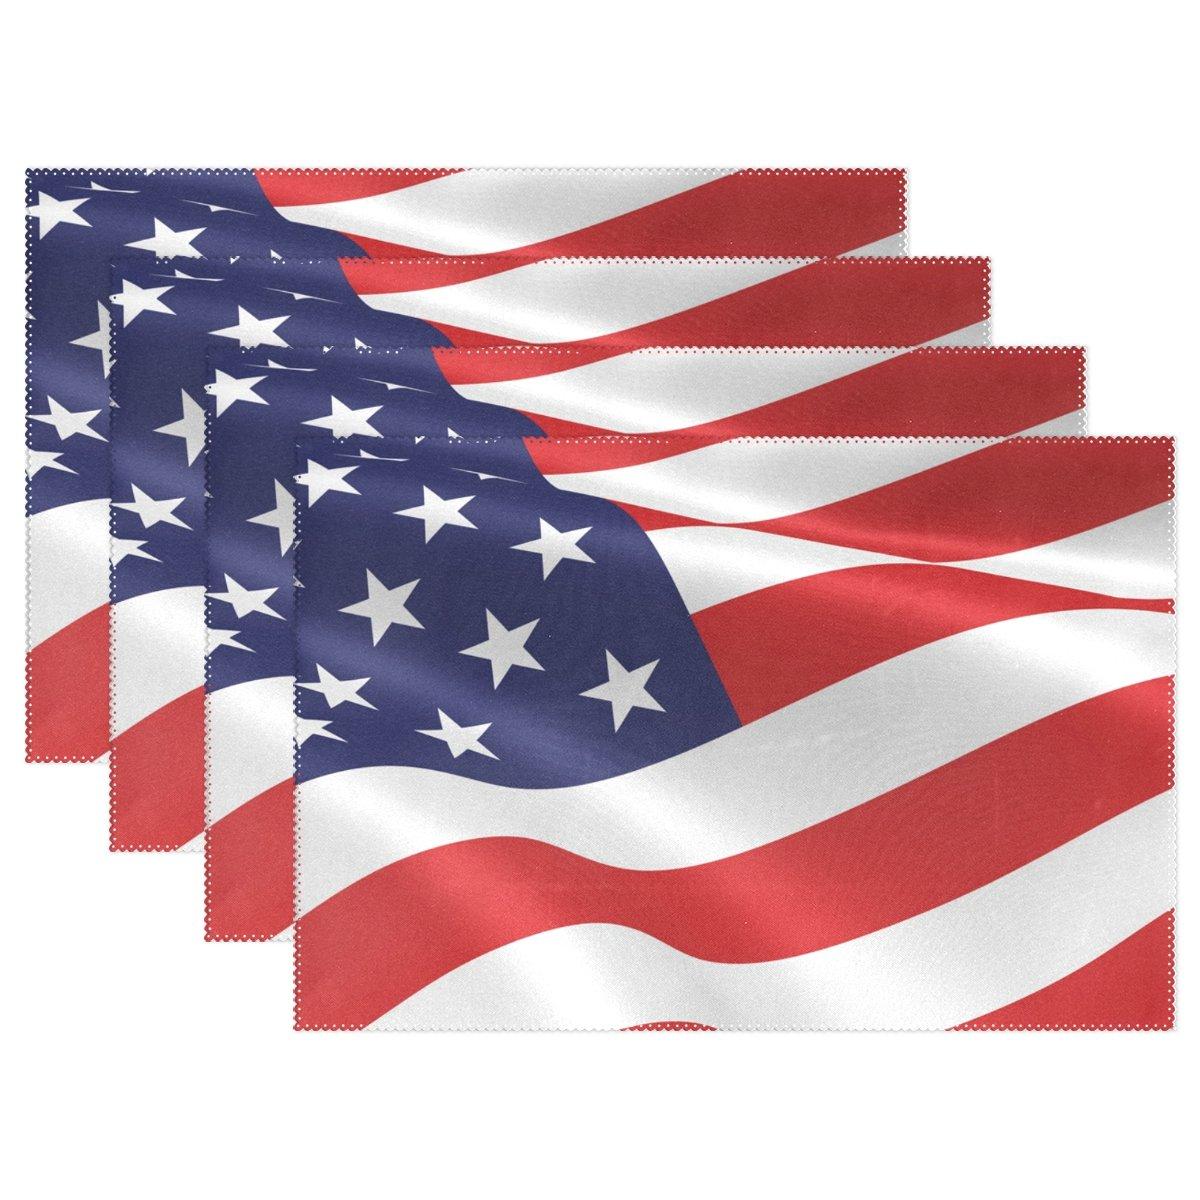 alireaアメリカ国旗ポリエステルテーブルPlaceマット、ダイニングルーム12